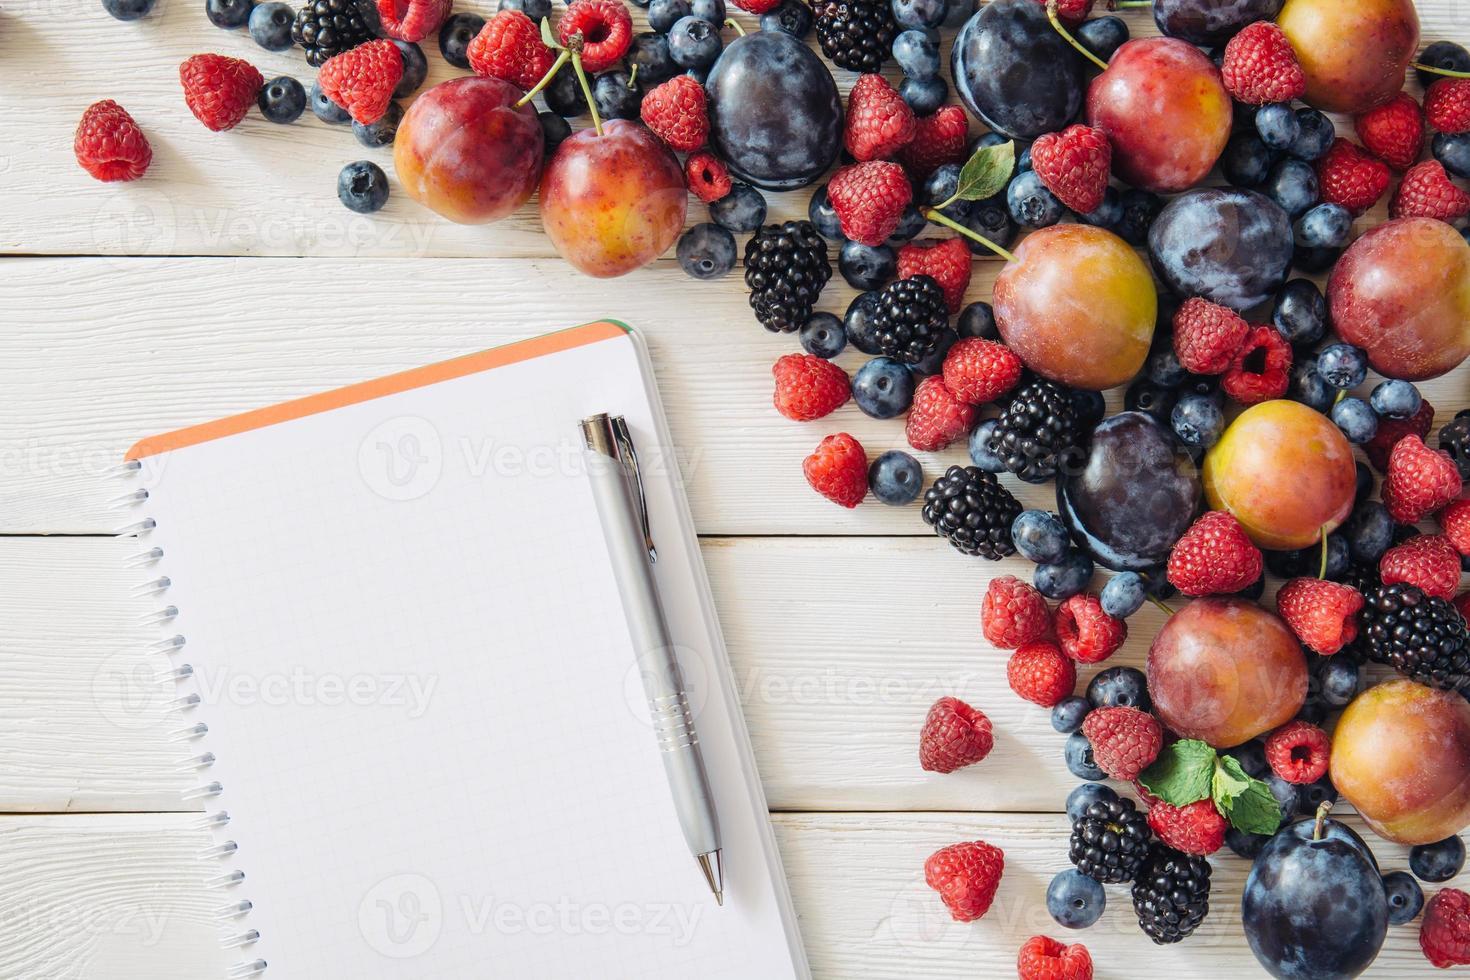 lista de compras com frutas e ingredientes mistos da vista superior foto